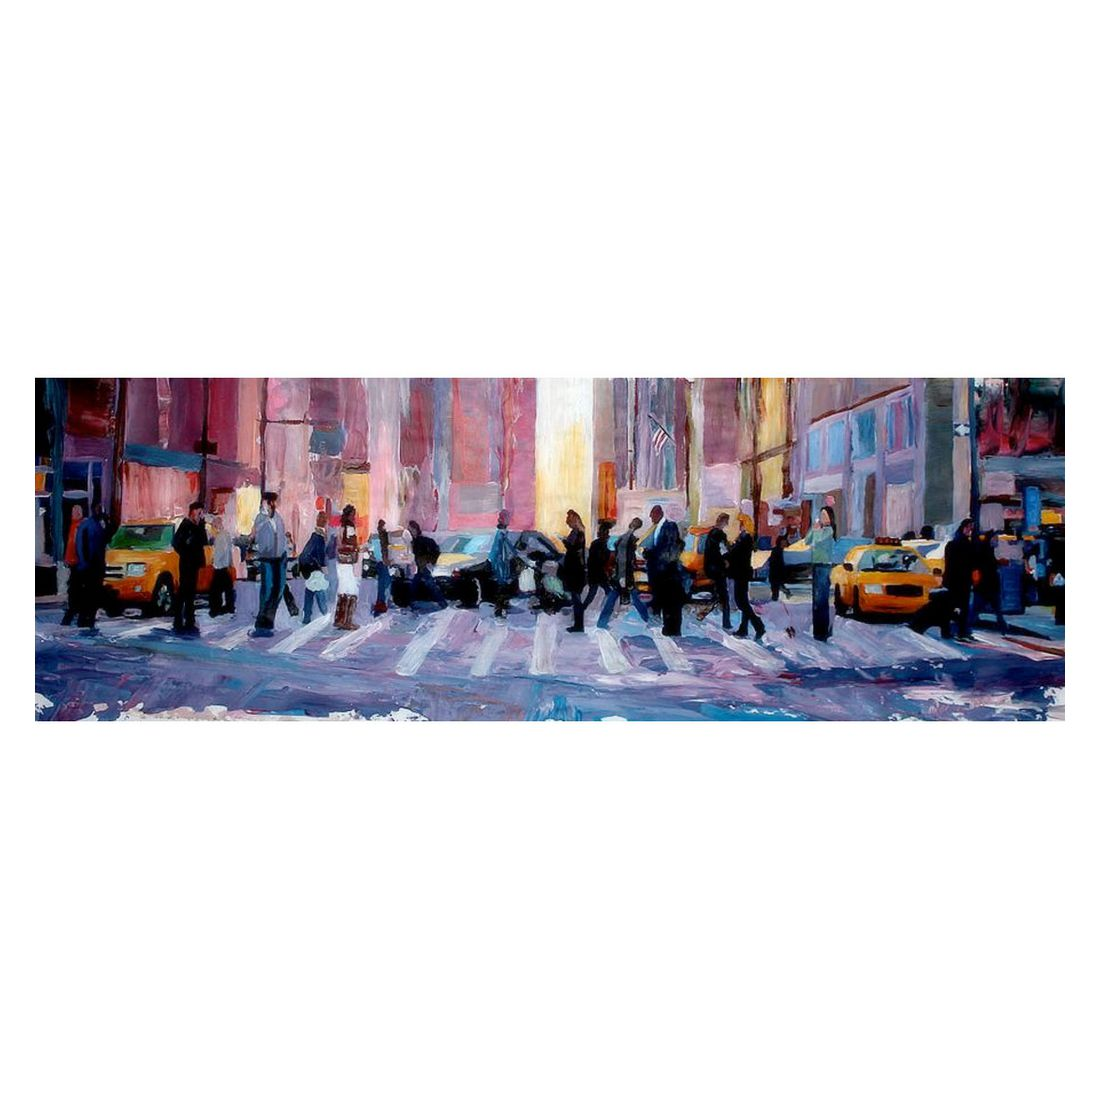 Ölgemälde Mobile Society in New York City von M Bleichner, yourPainting online bestellen